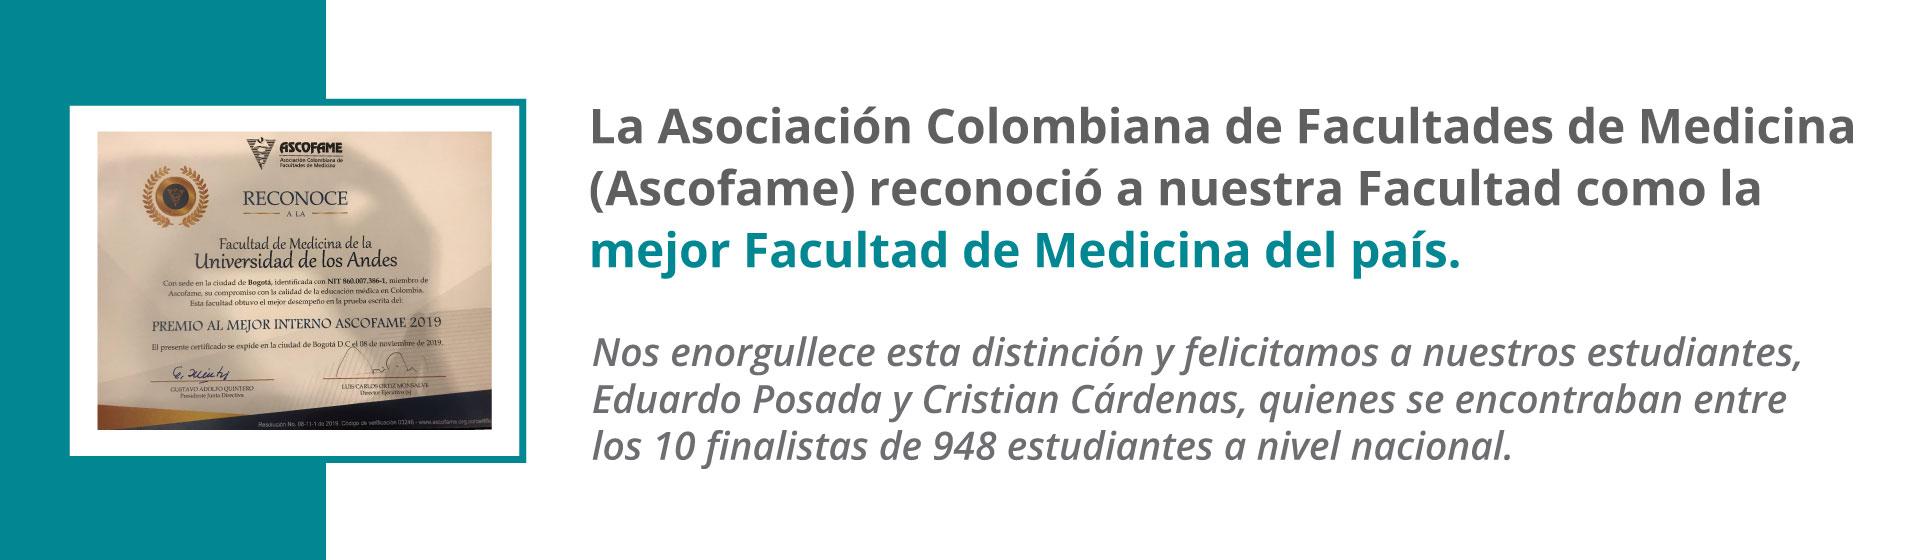 Mejor Facultad de Medicina